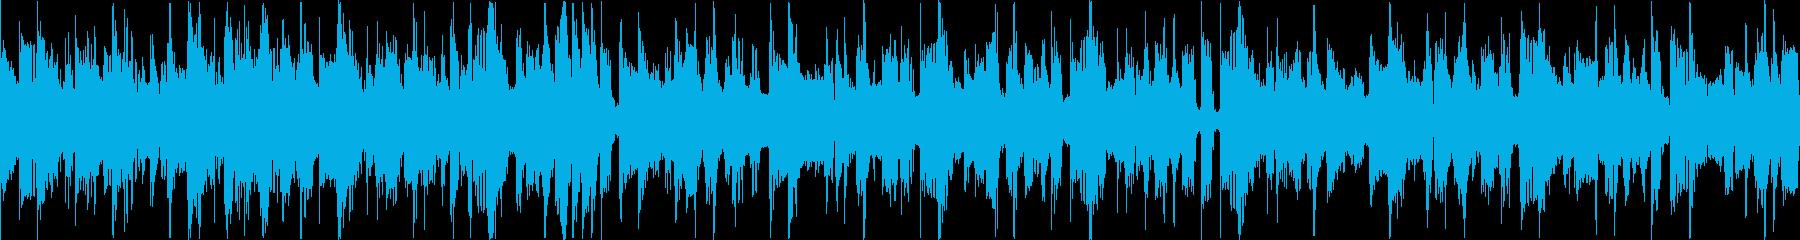 ベースラインが特徴的なファンクサウンドの再生済みの波形